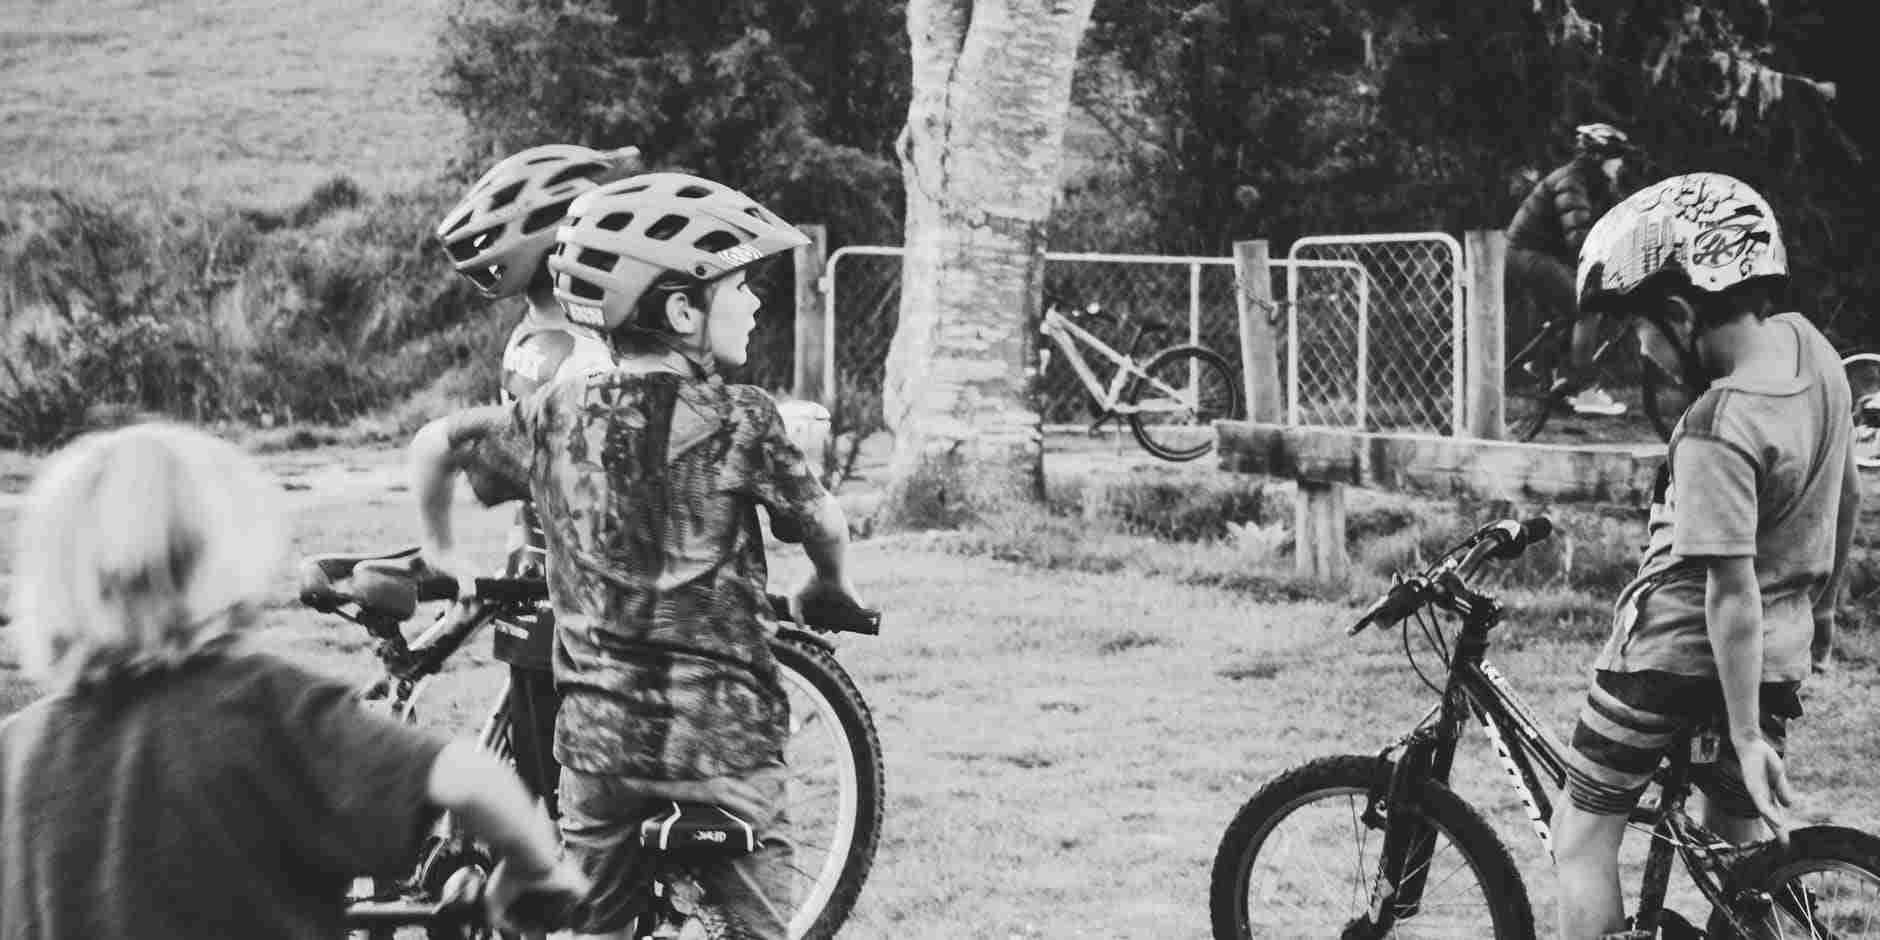 Biken macht Spaß!